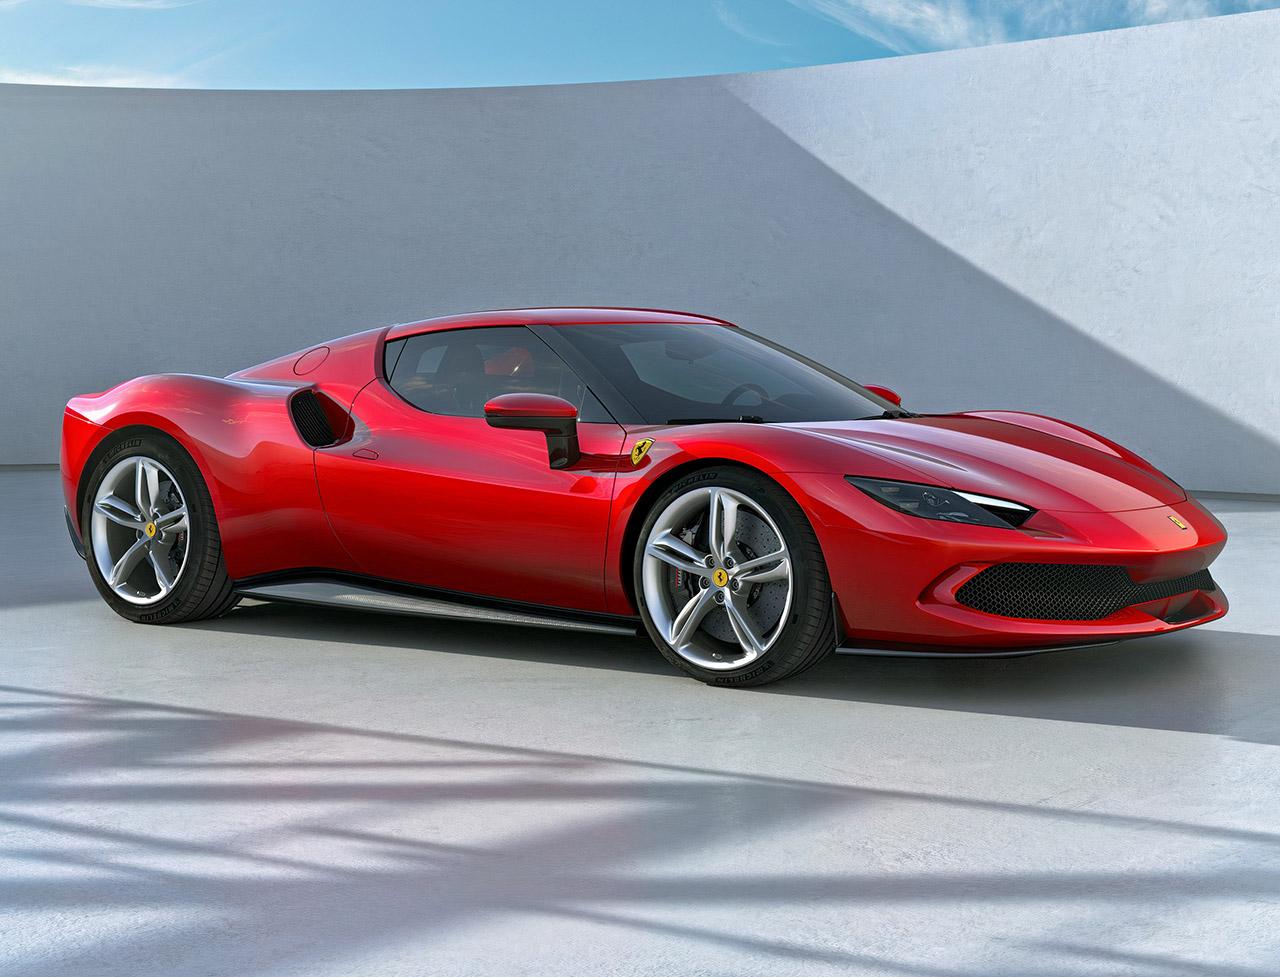 Ferrari 296 GTB Plug-in Hybrid Supercar